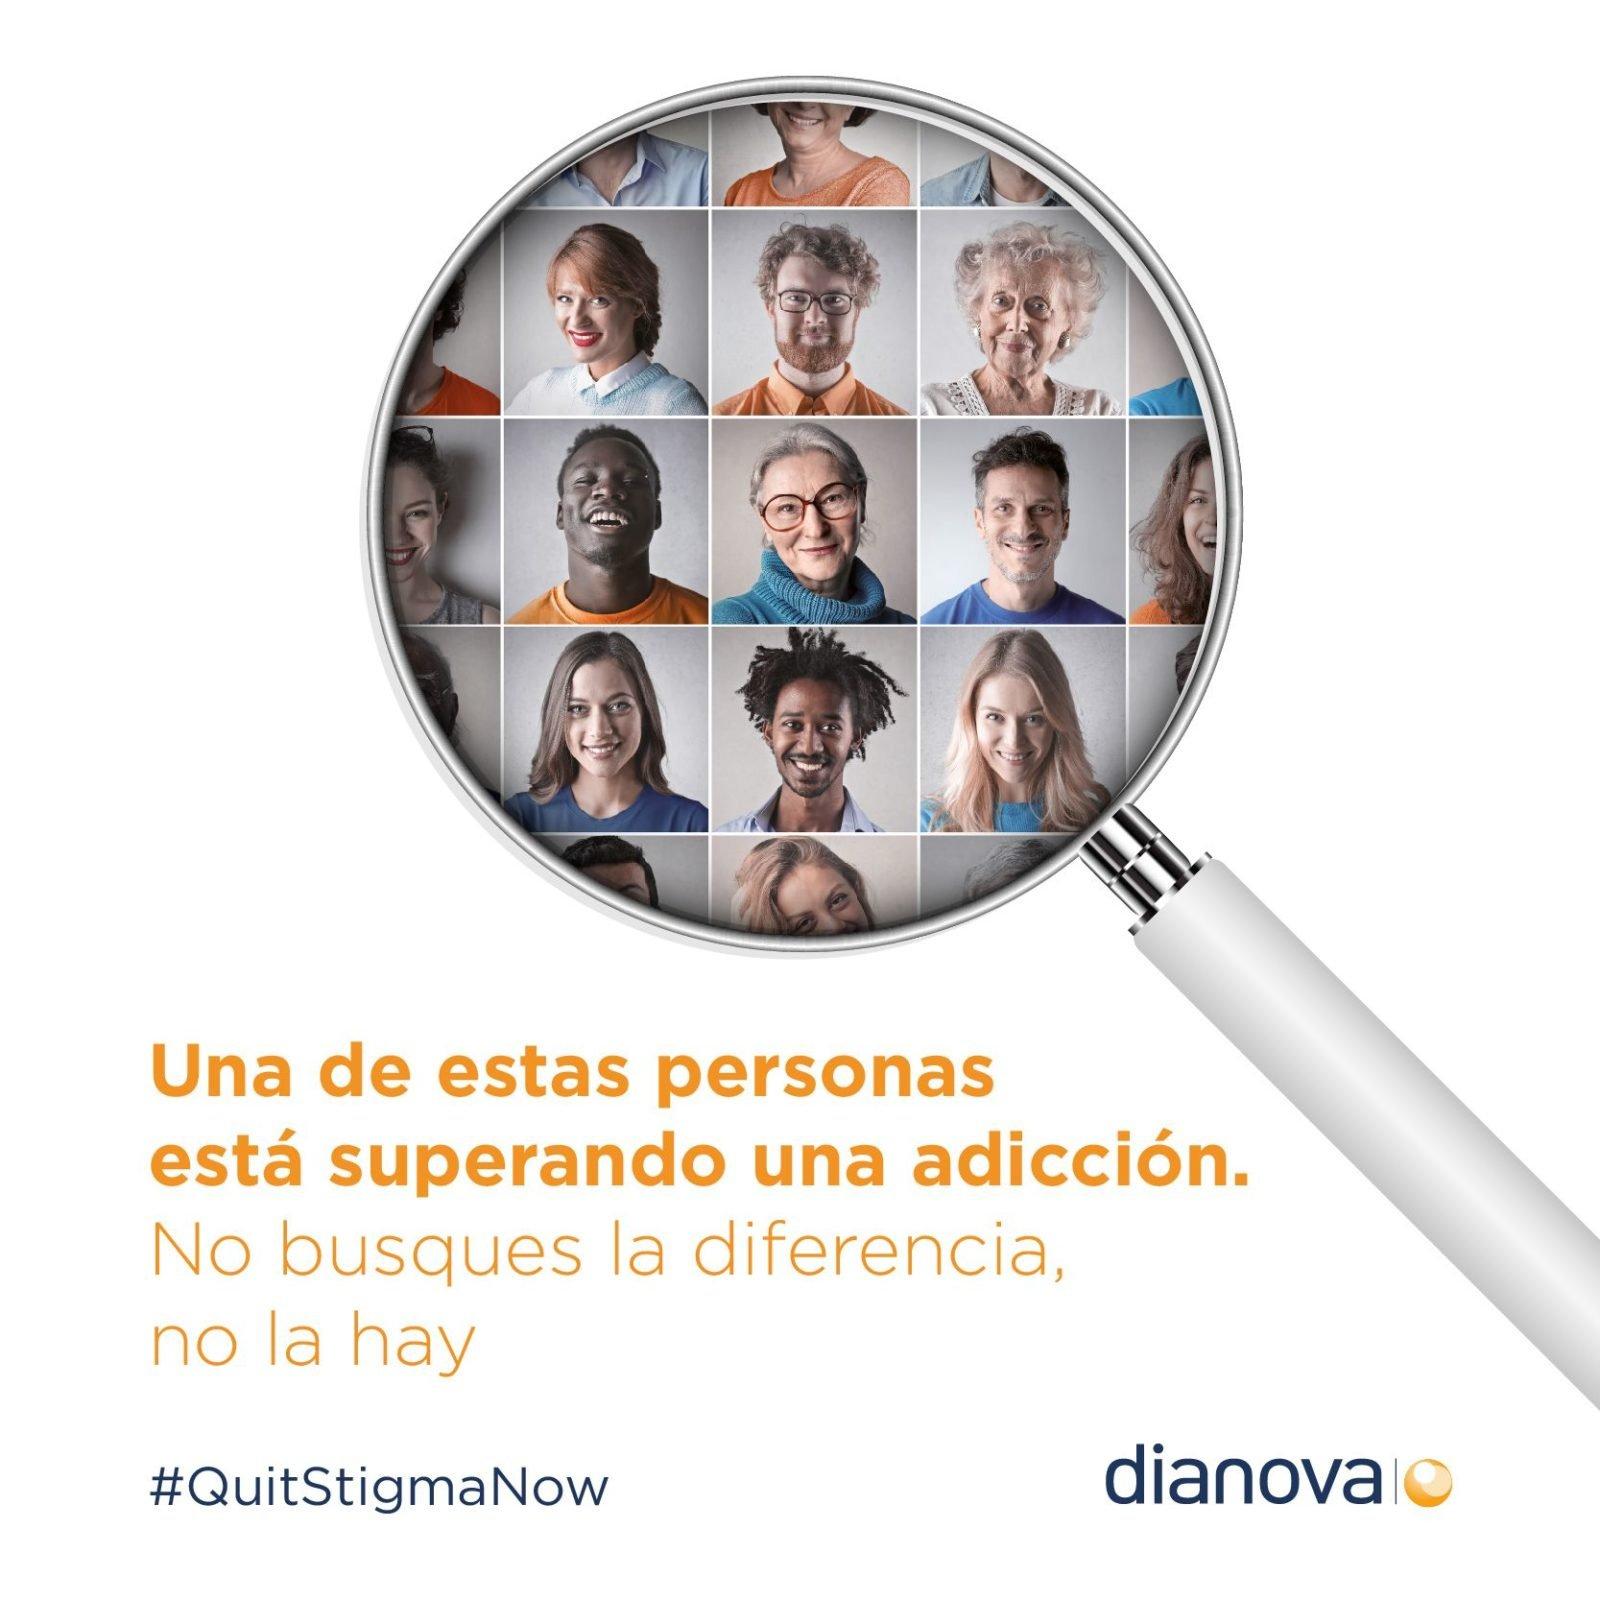 #QuitStigmaNow, nueva campaña contra el estigma de la adicción